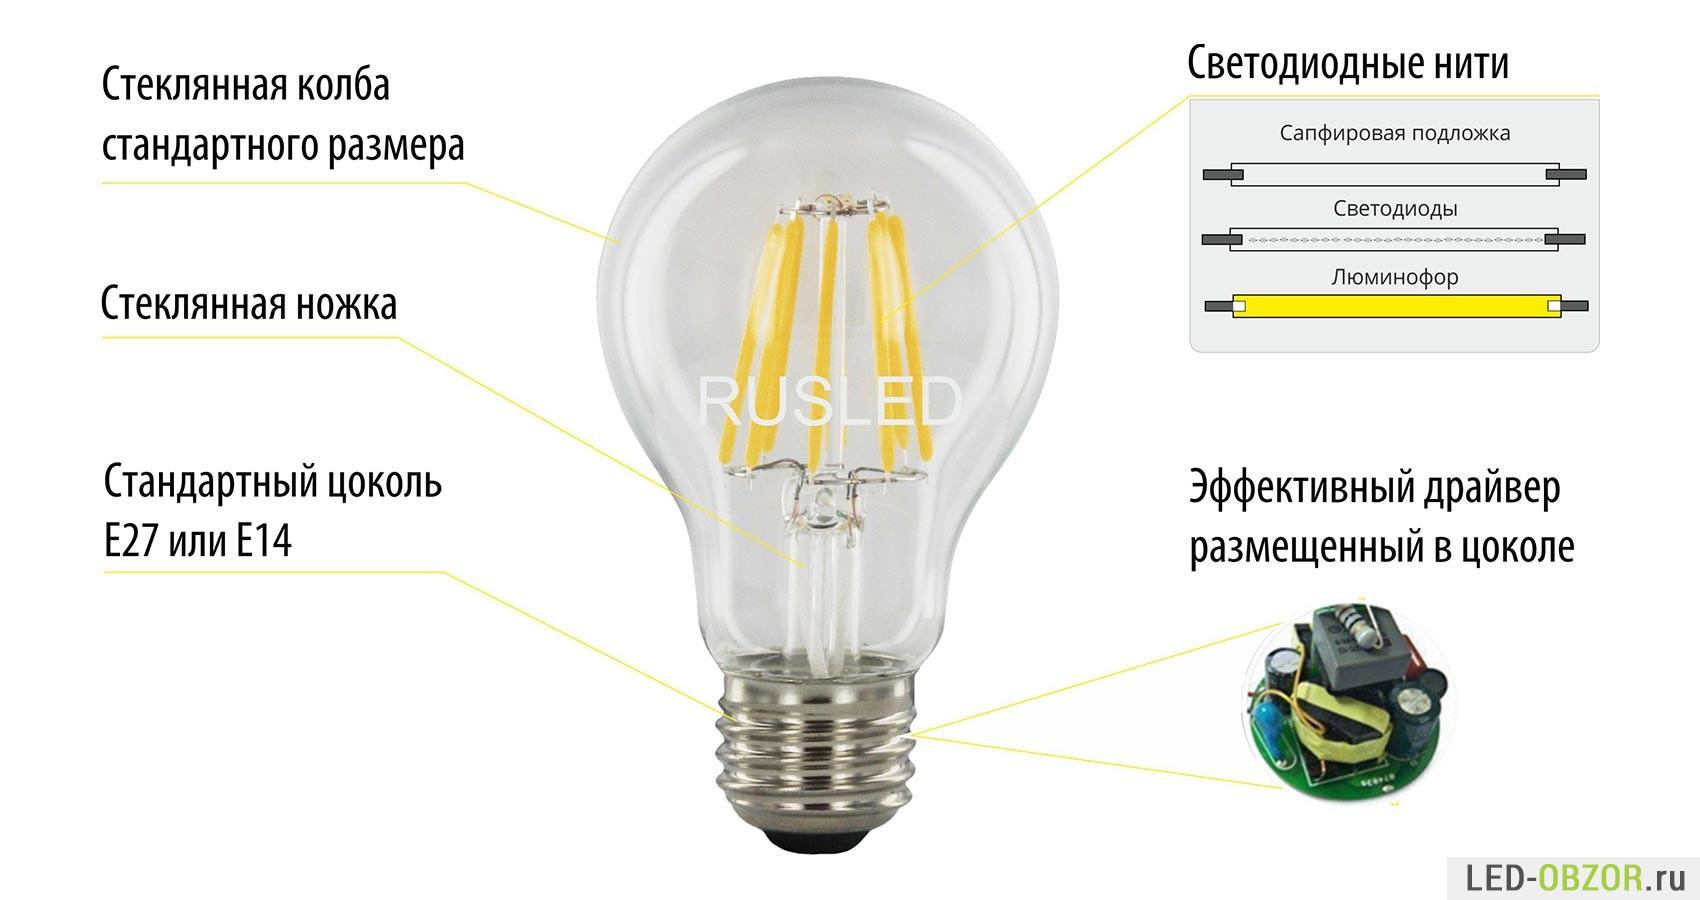 почему не работает светодиодная лампа излишняя влага удаляется